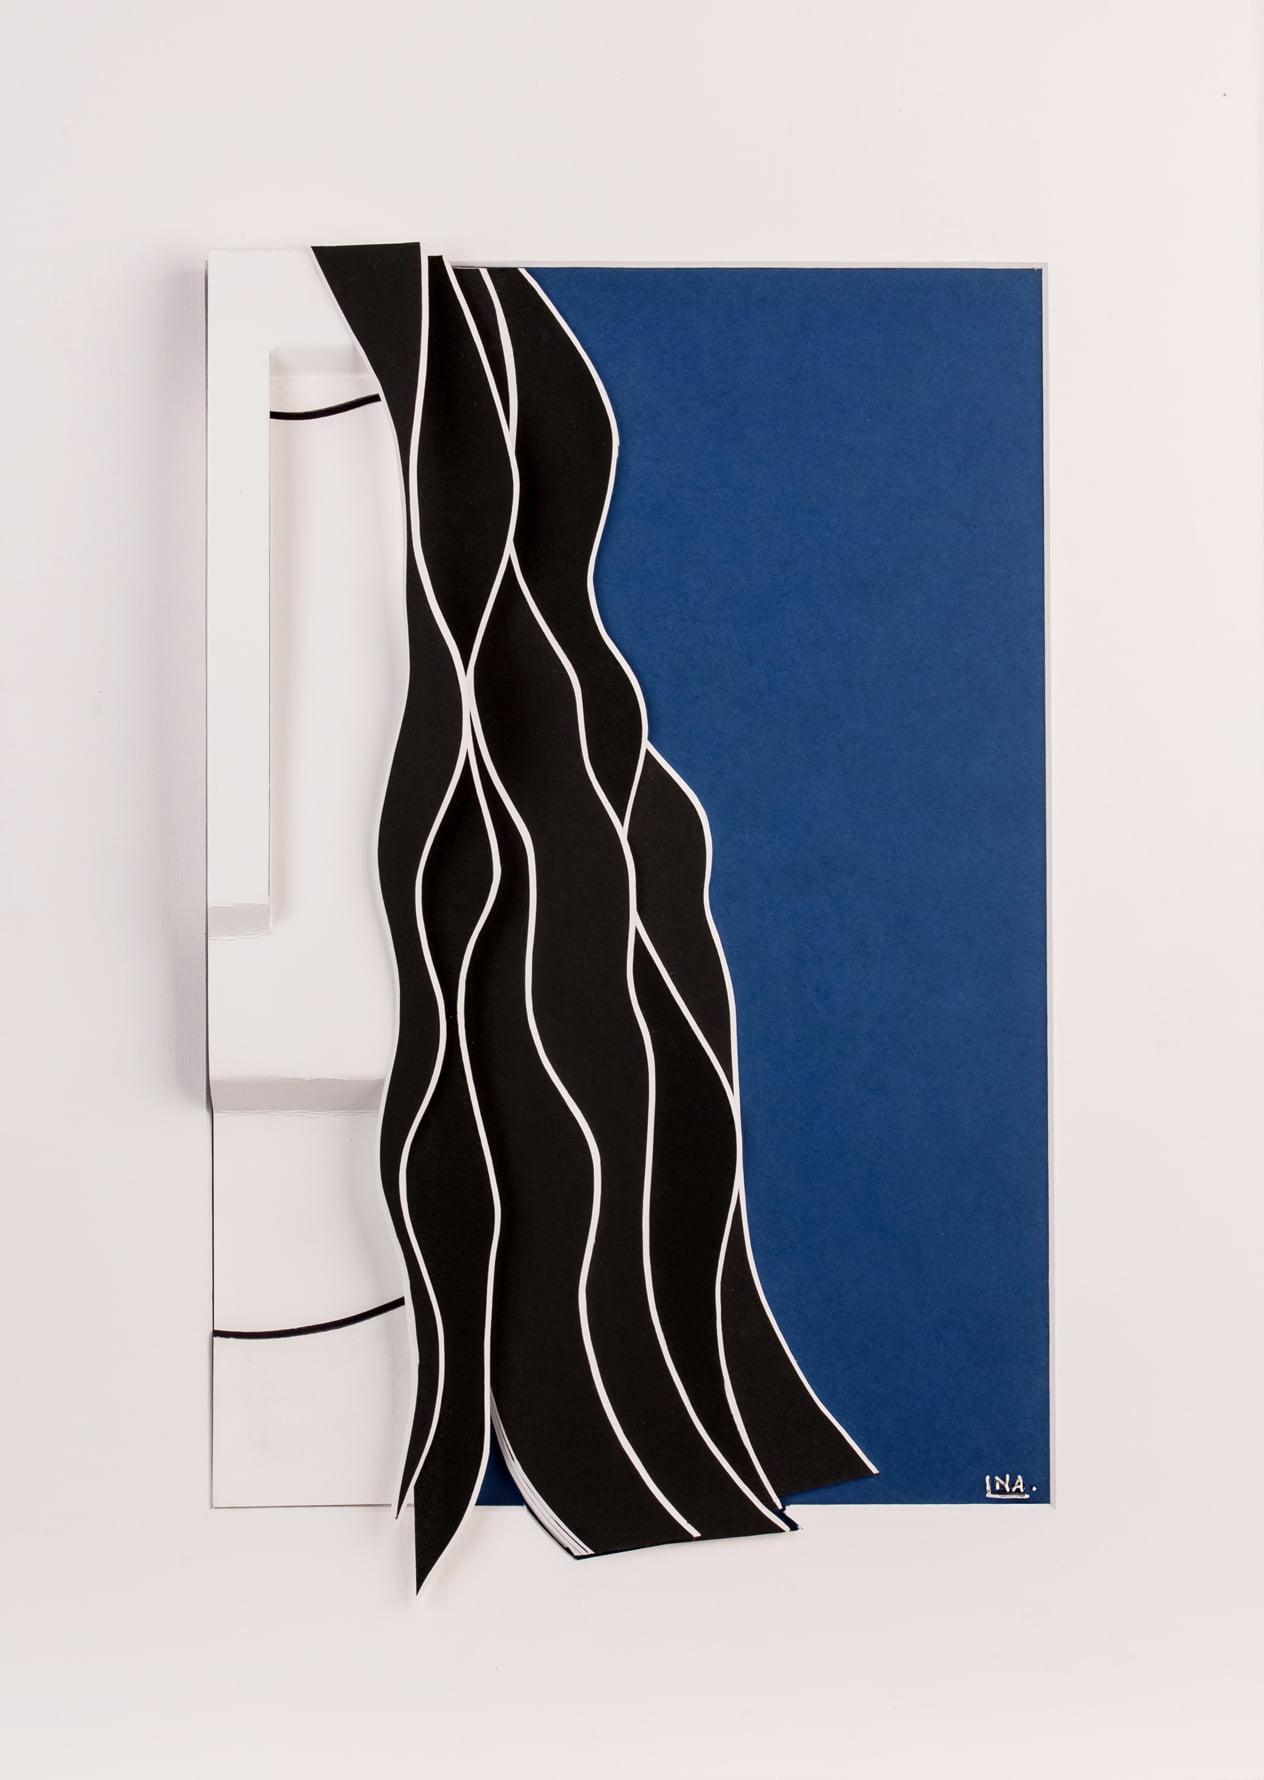 Nanou Autin, Volumes, Angela, Papiers pliés, encre de chine 35 X 24cm - 2015